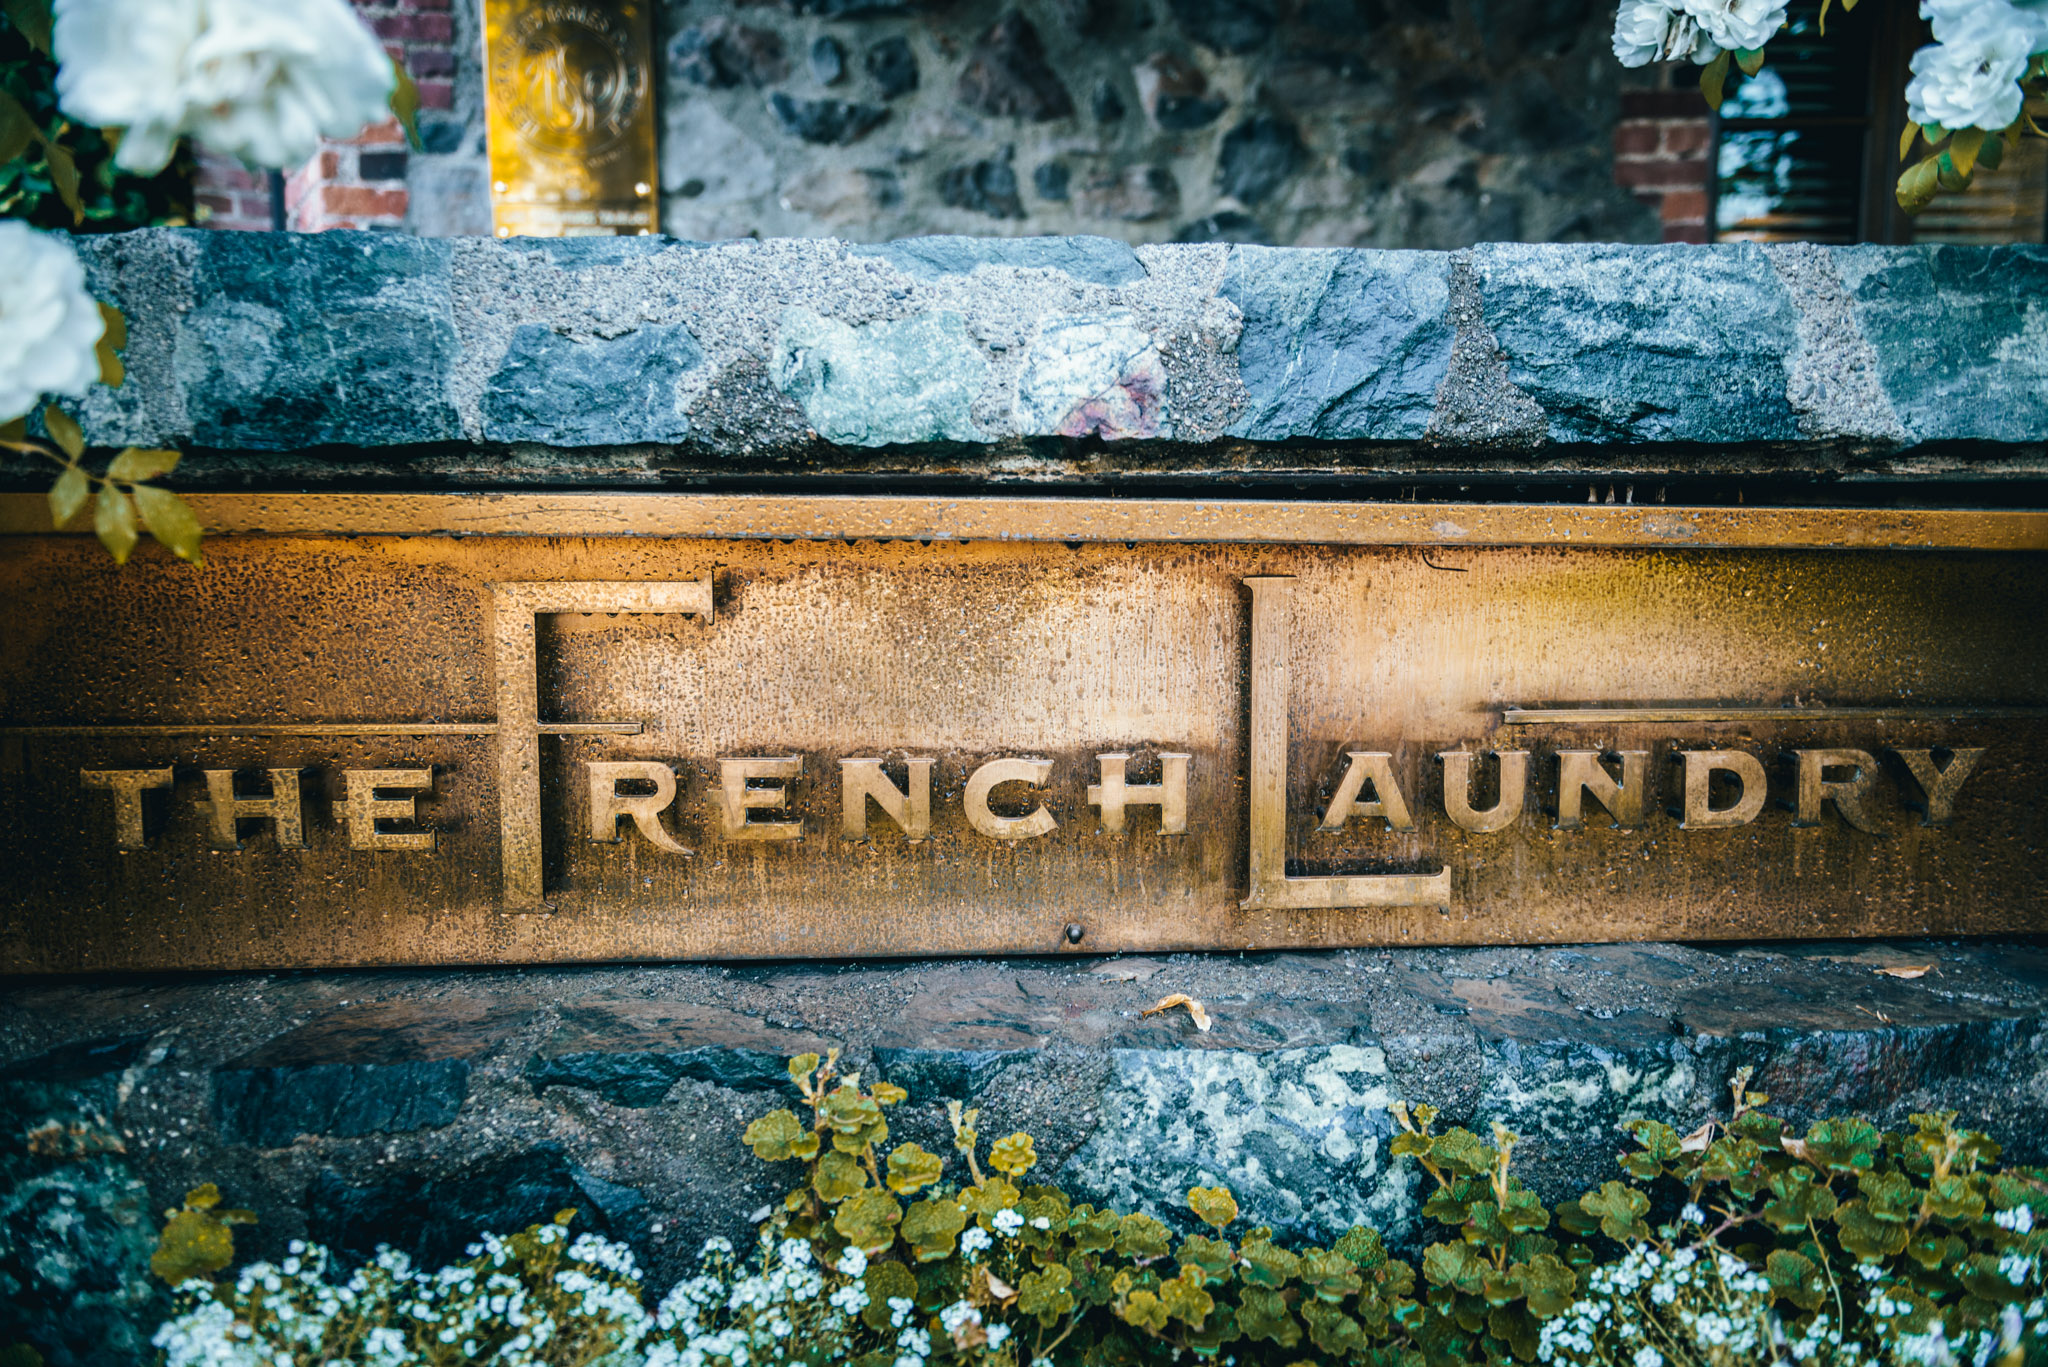 California : Napa Valley : The French Laundry